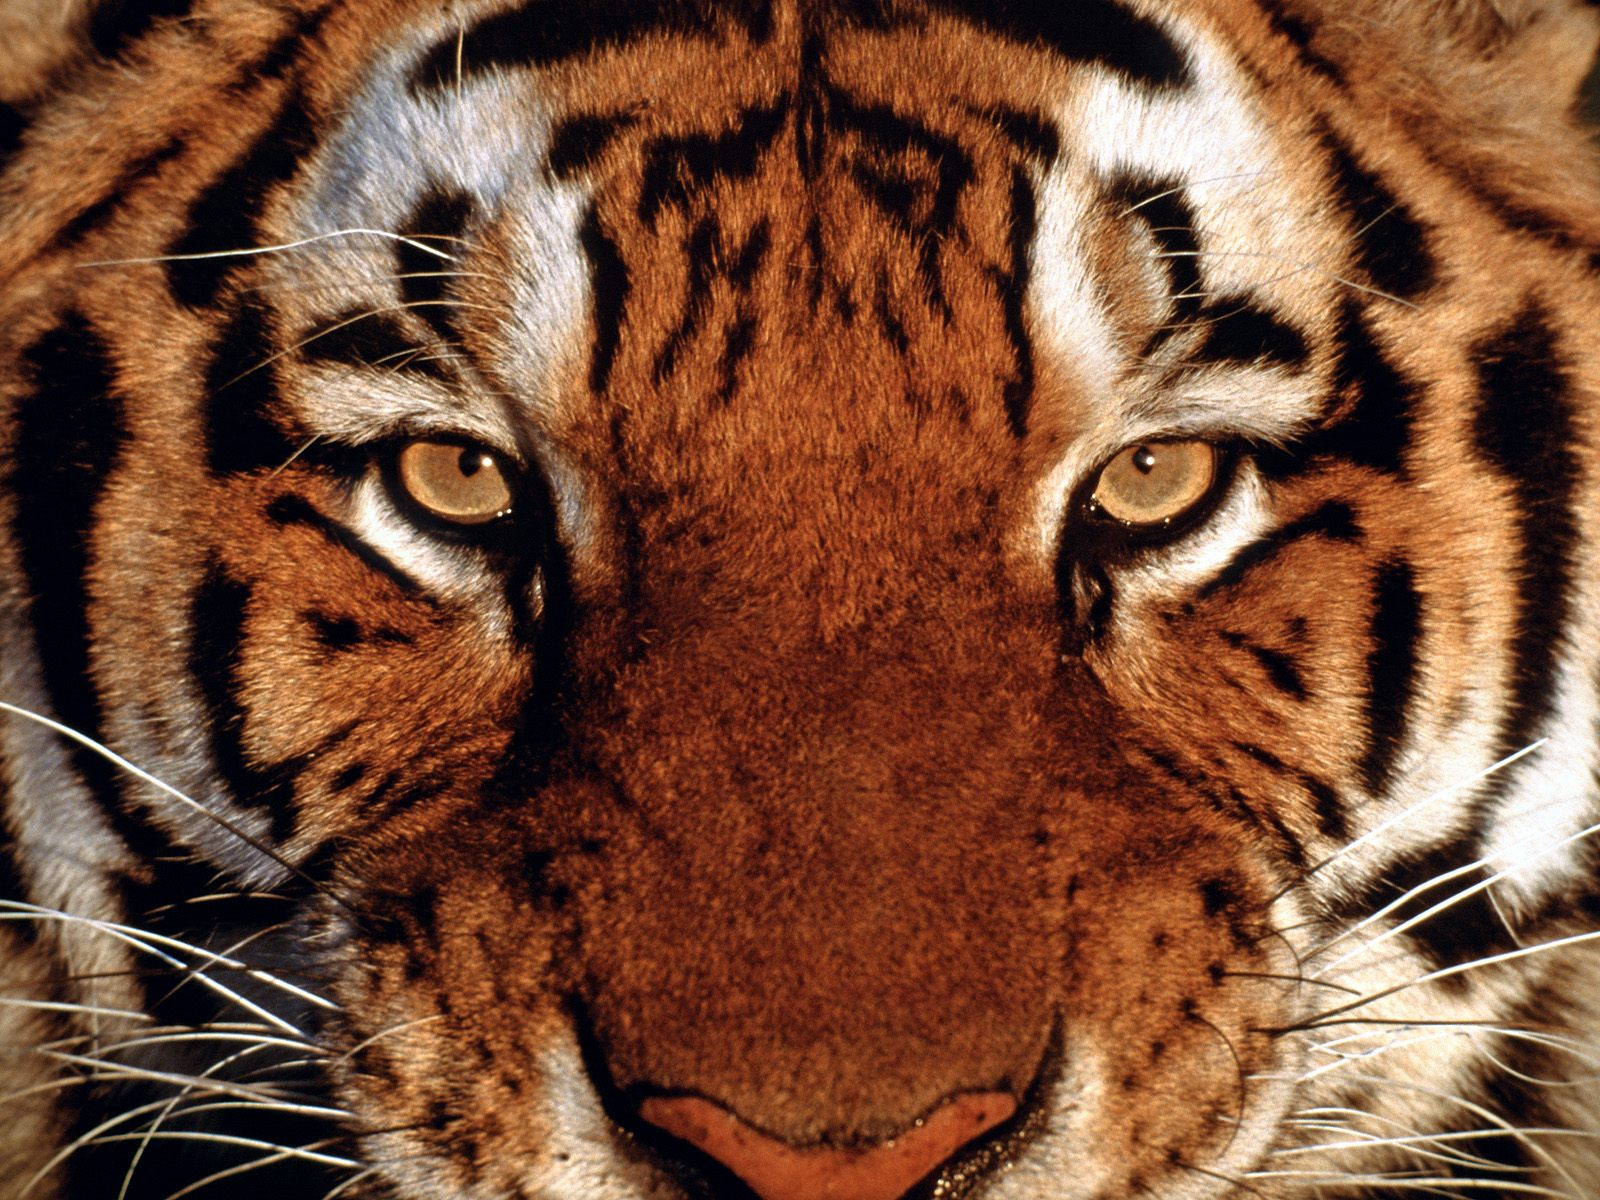 SGEM#18: Eye of the Tiger (Traumatic Hyphema)